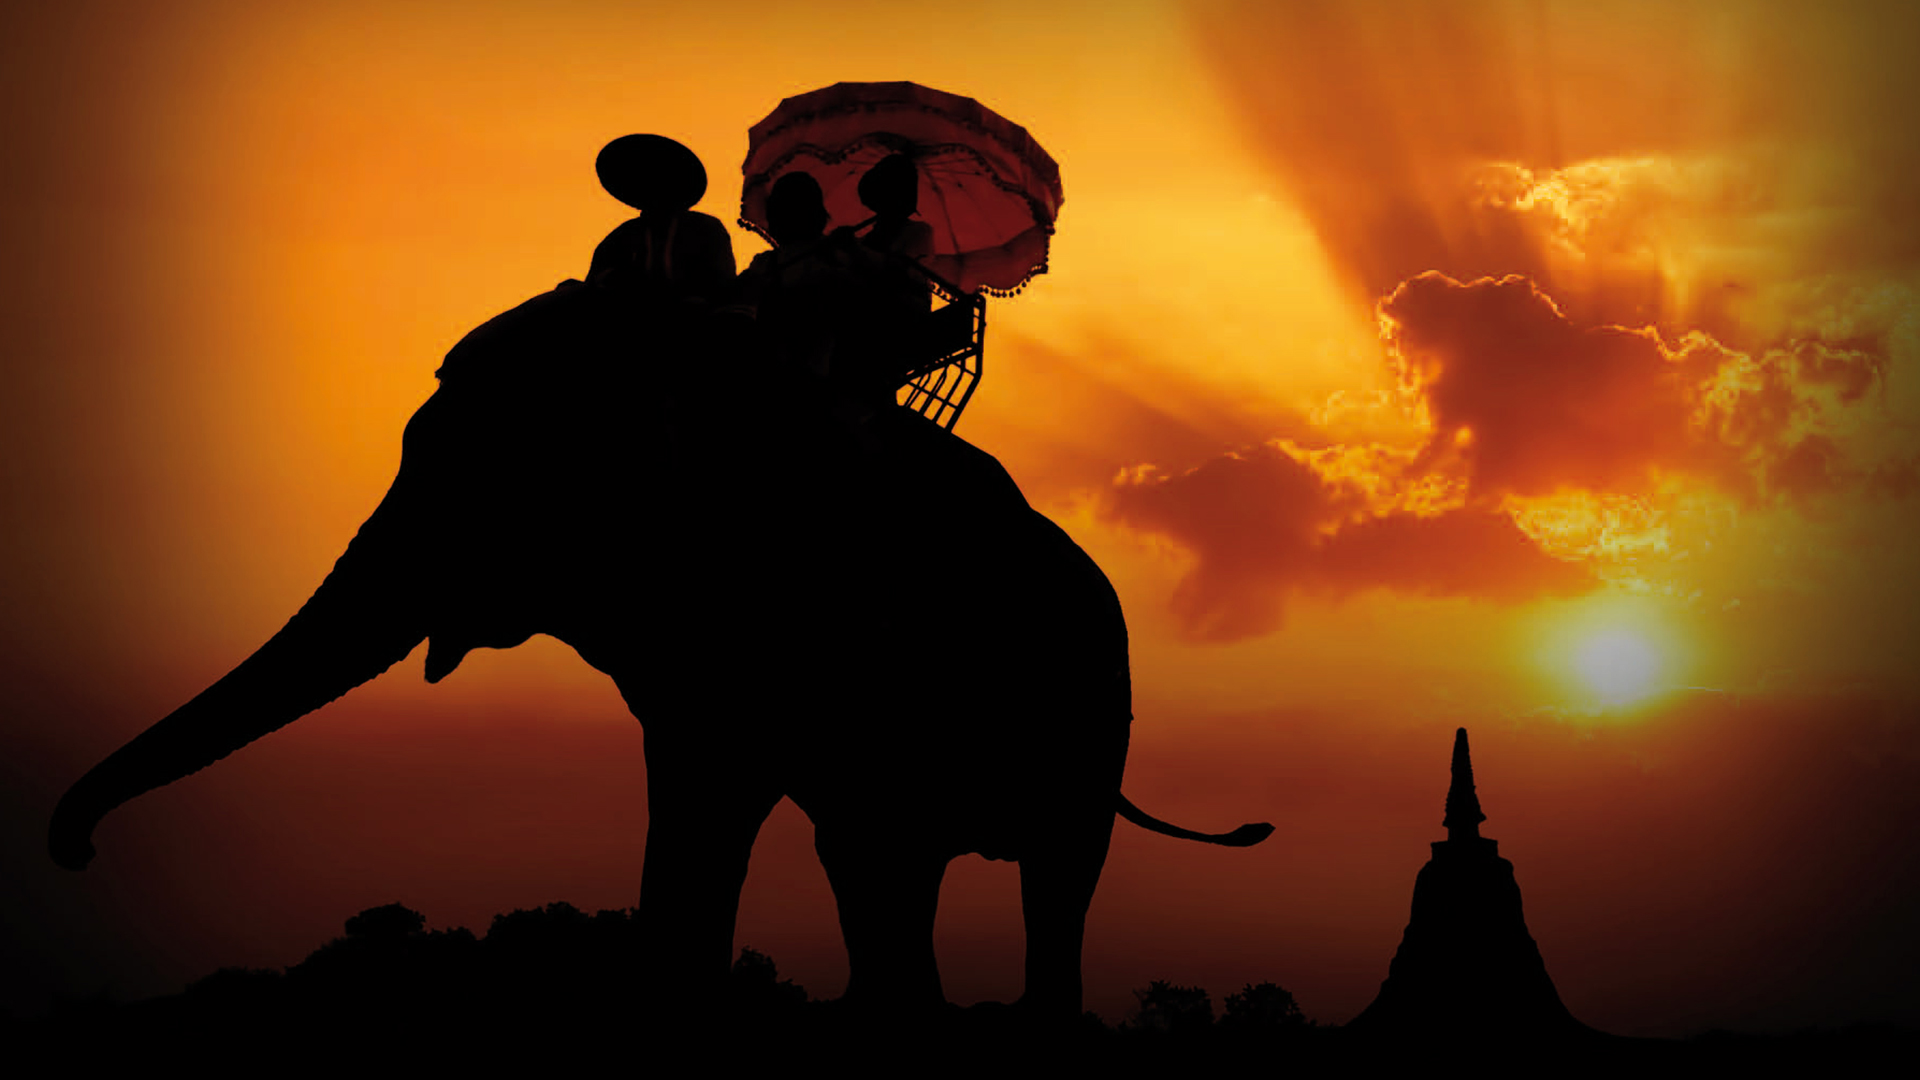 Luxus Life, luxus travel, viajes únicos, experiencias en viajes, los mejores viajes, viajes de oro, planes personalizados, servicio concierge, concierge, hospedaje, itinerarios personalizados